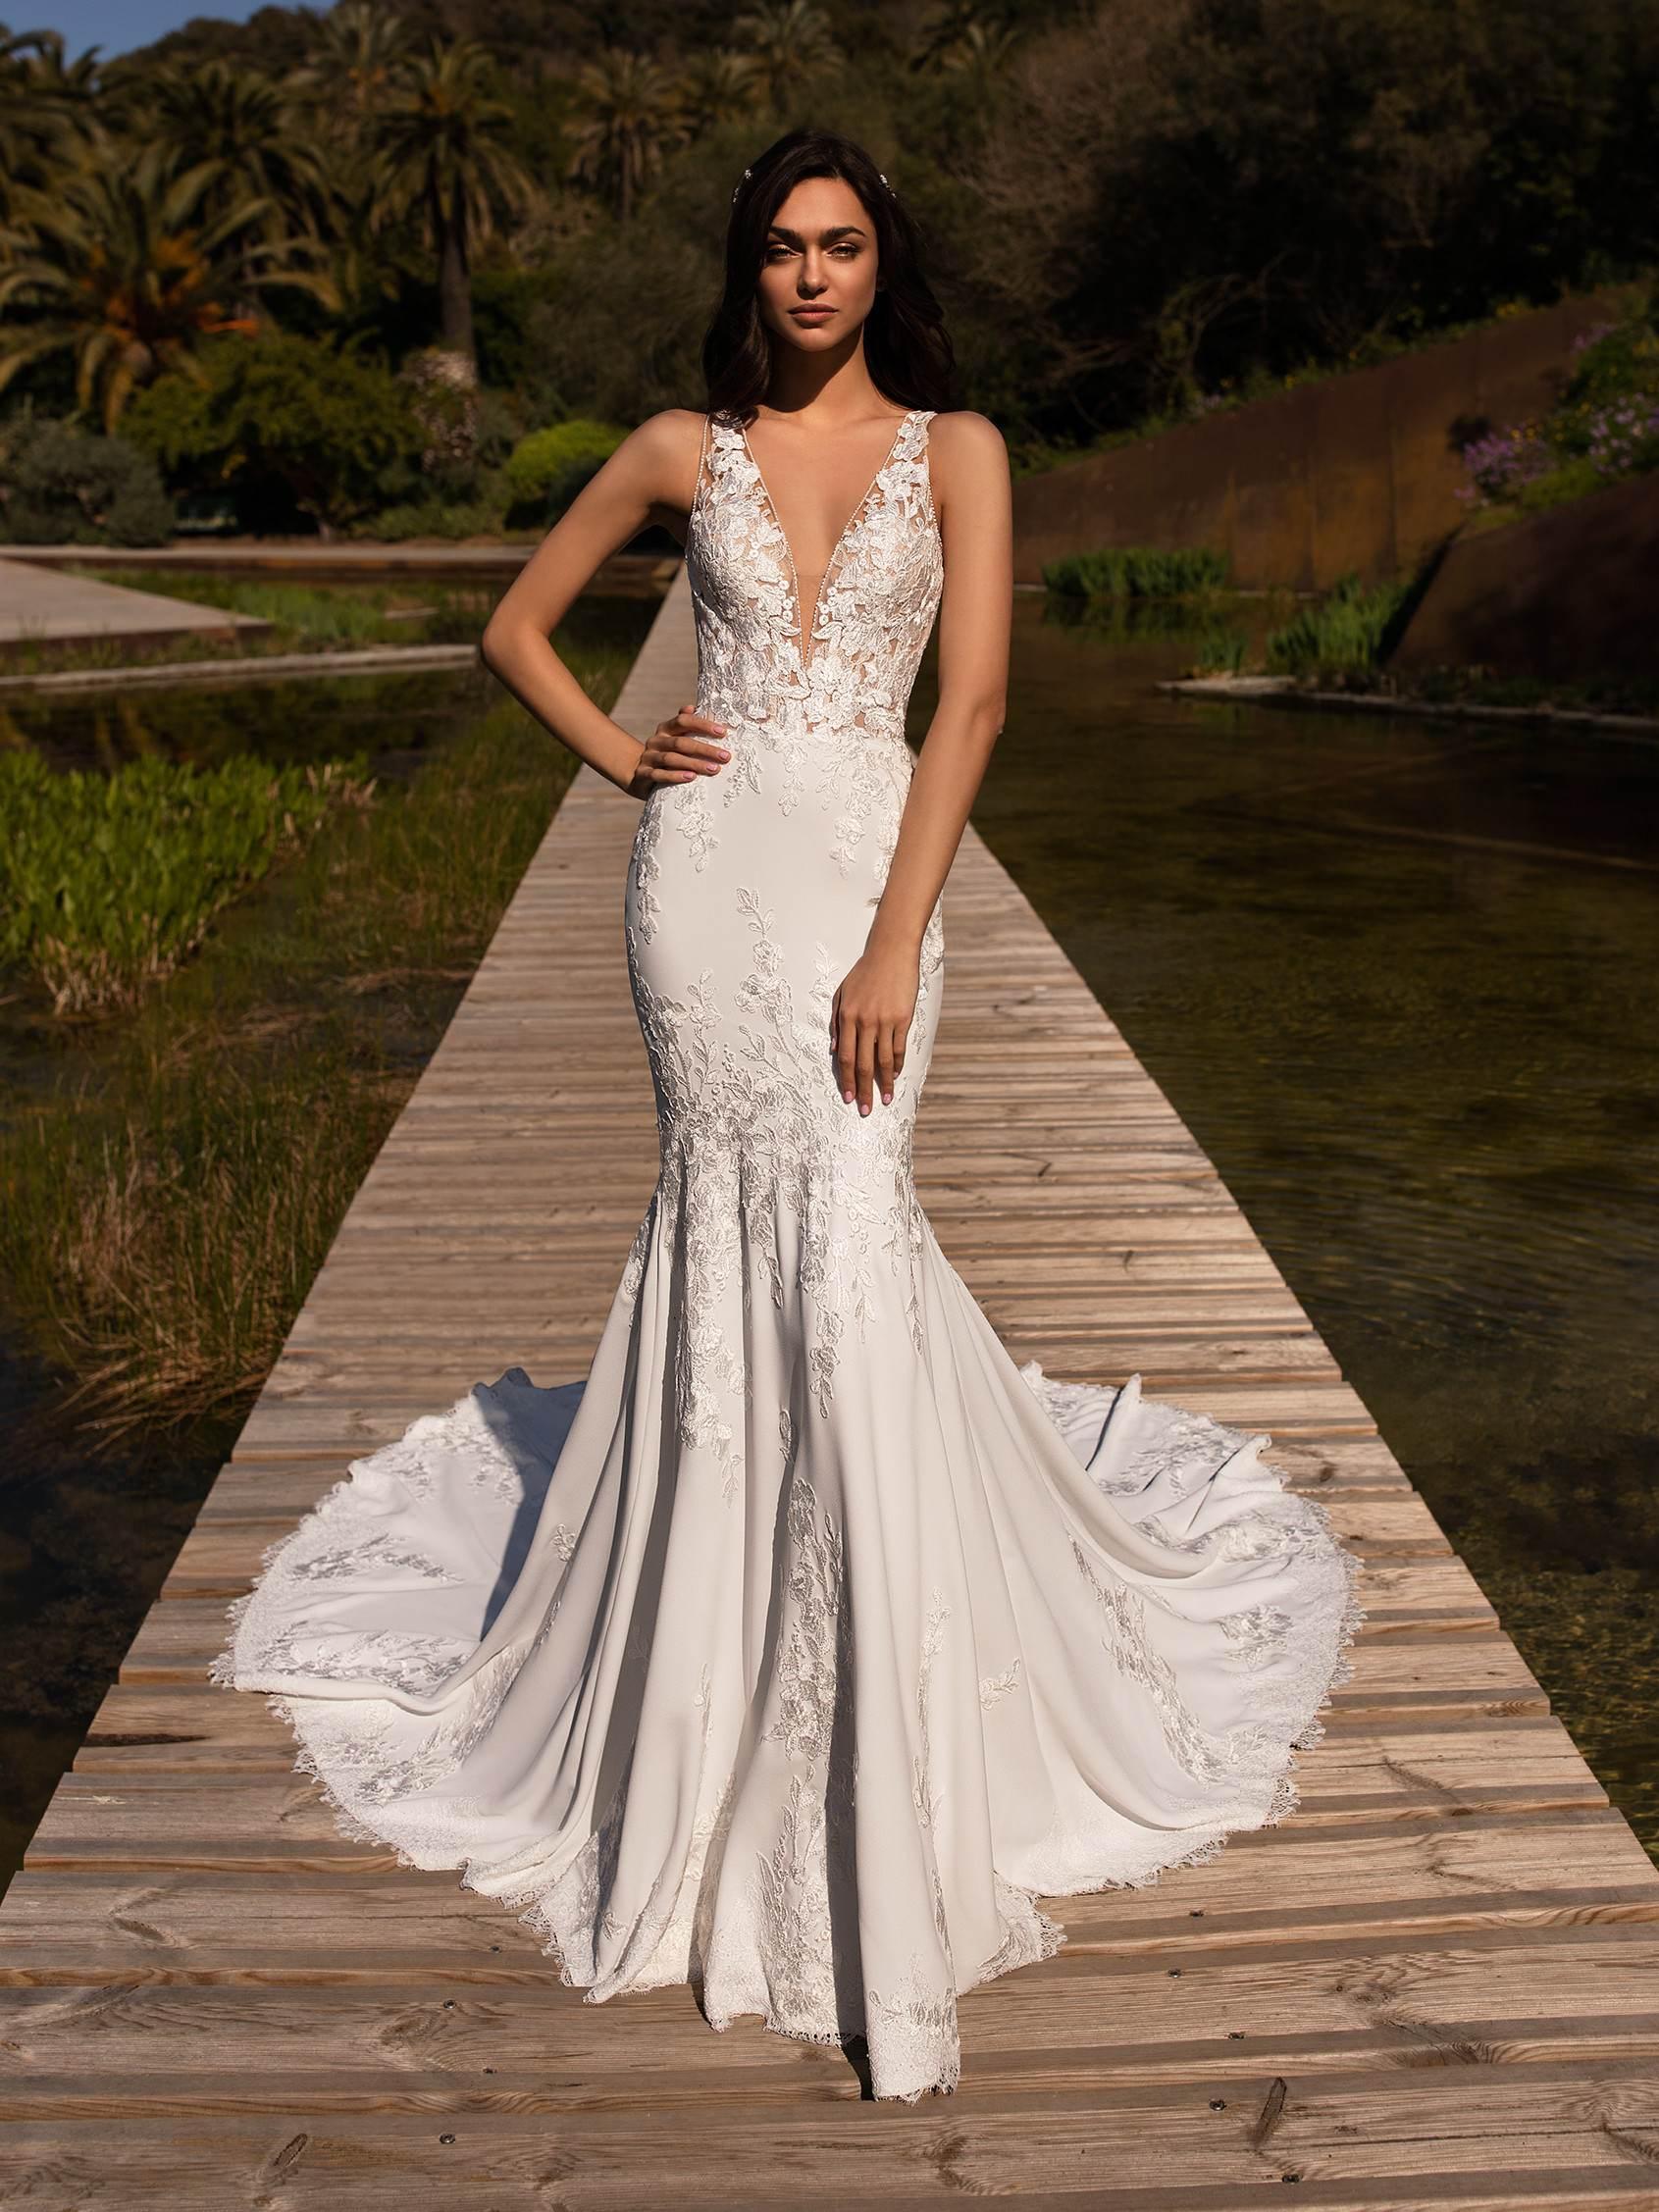 Alcyone menyasszonyi ruha - Pronovias 2021